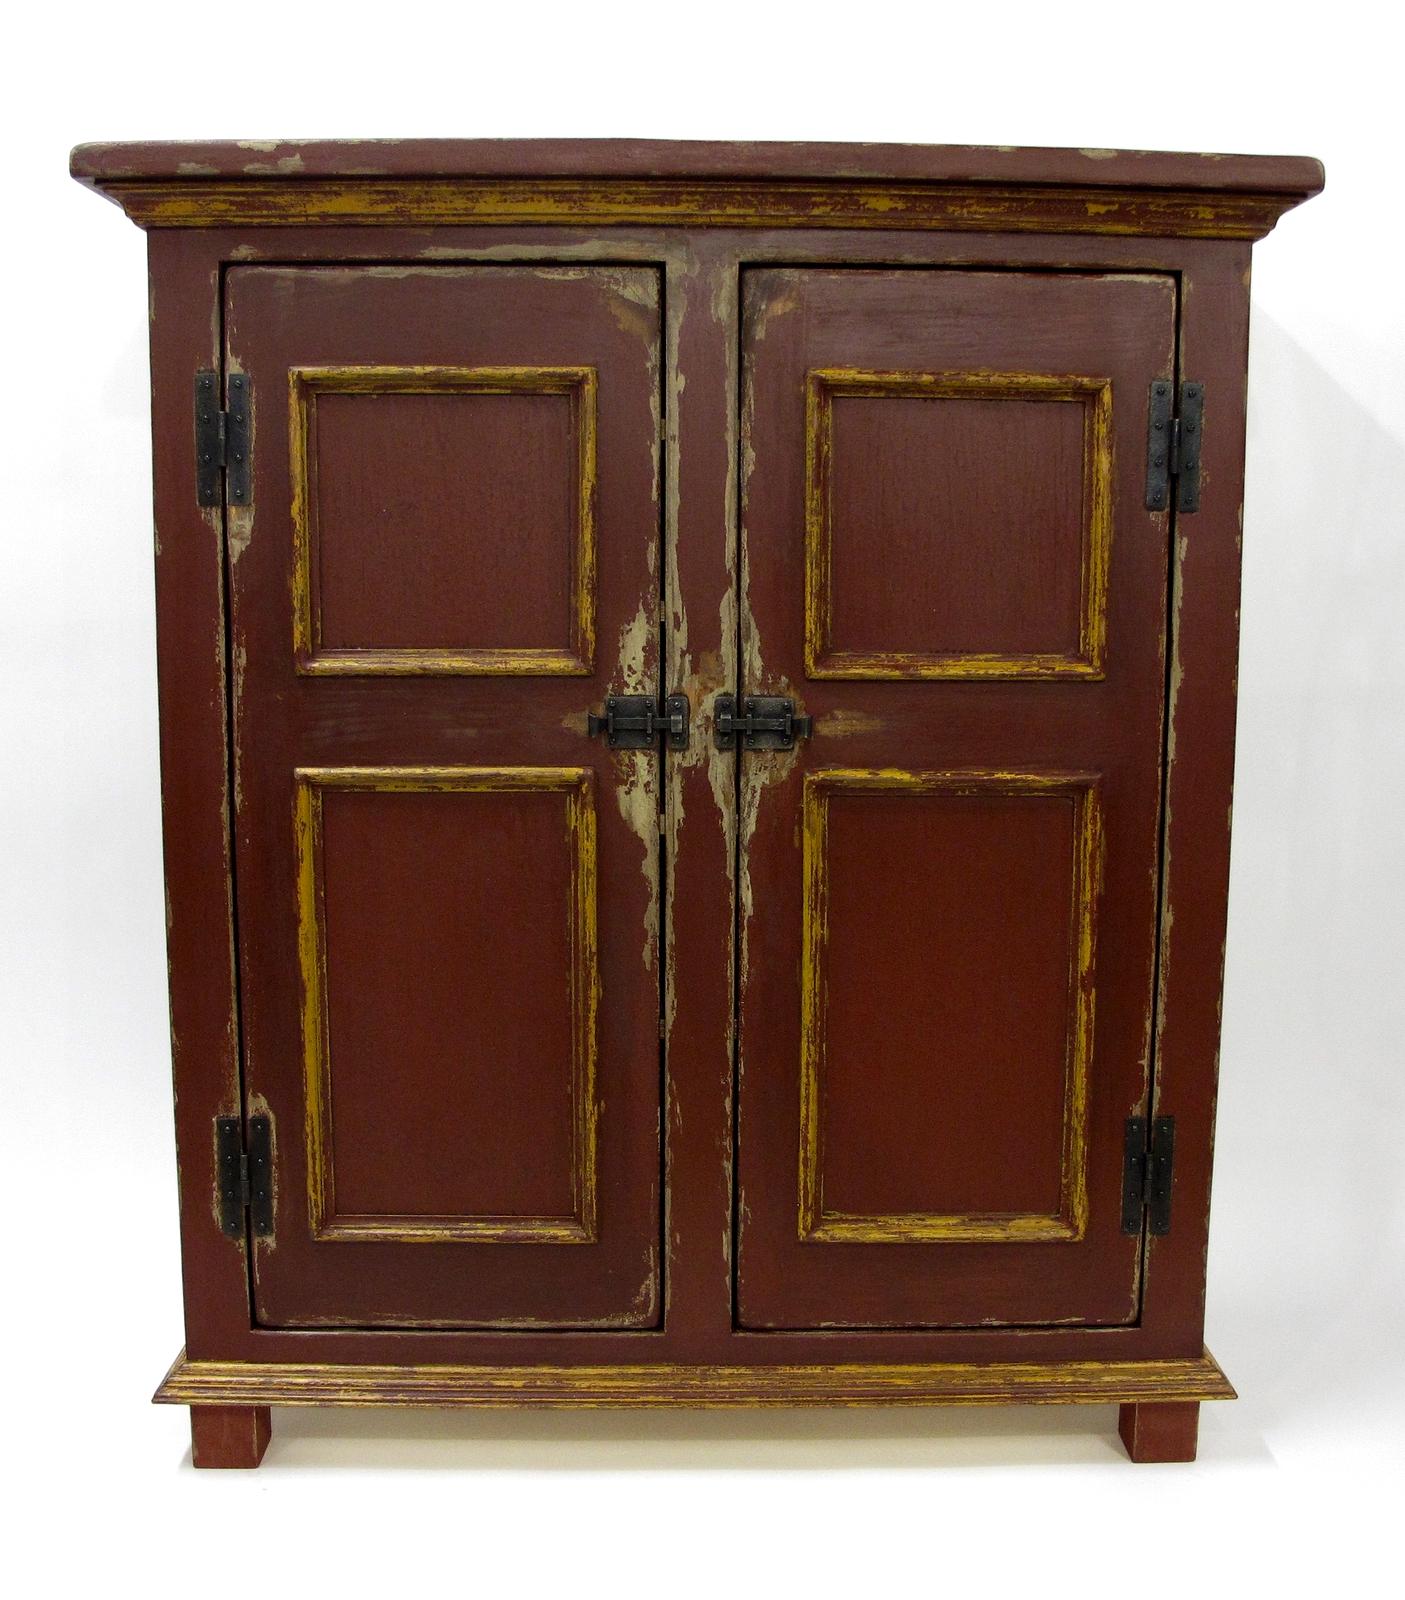 Armoire En Pin Sur Mesure Antique Peinture De Lait Lanaudiere